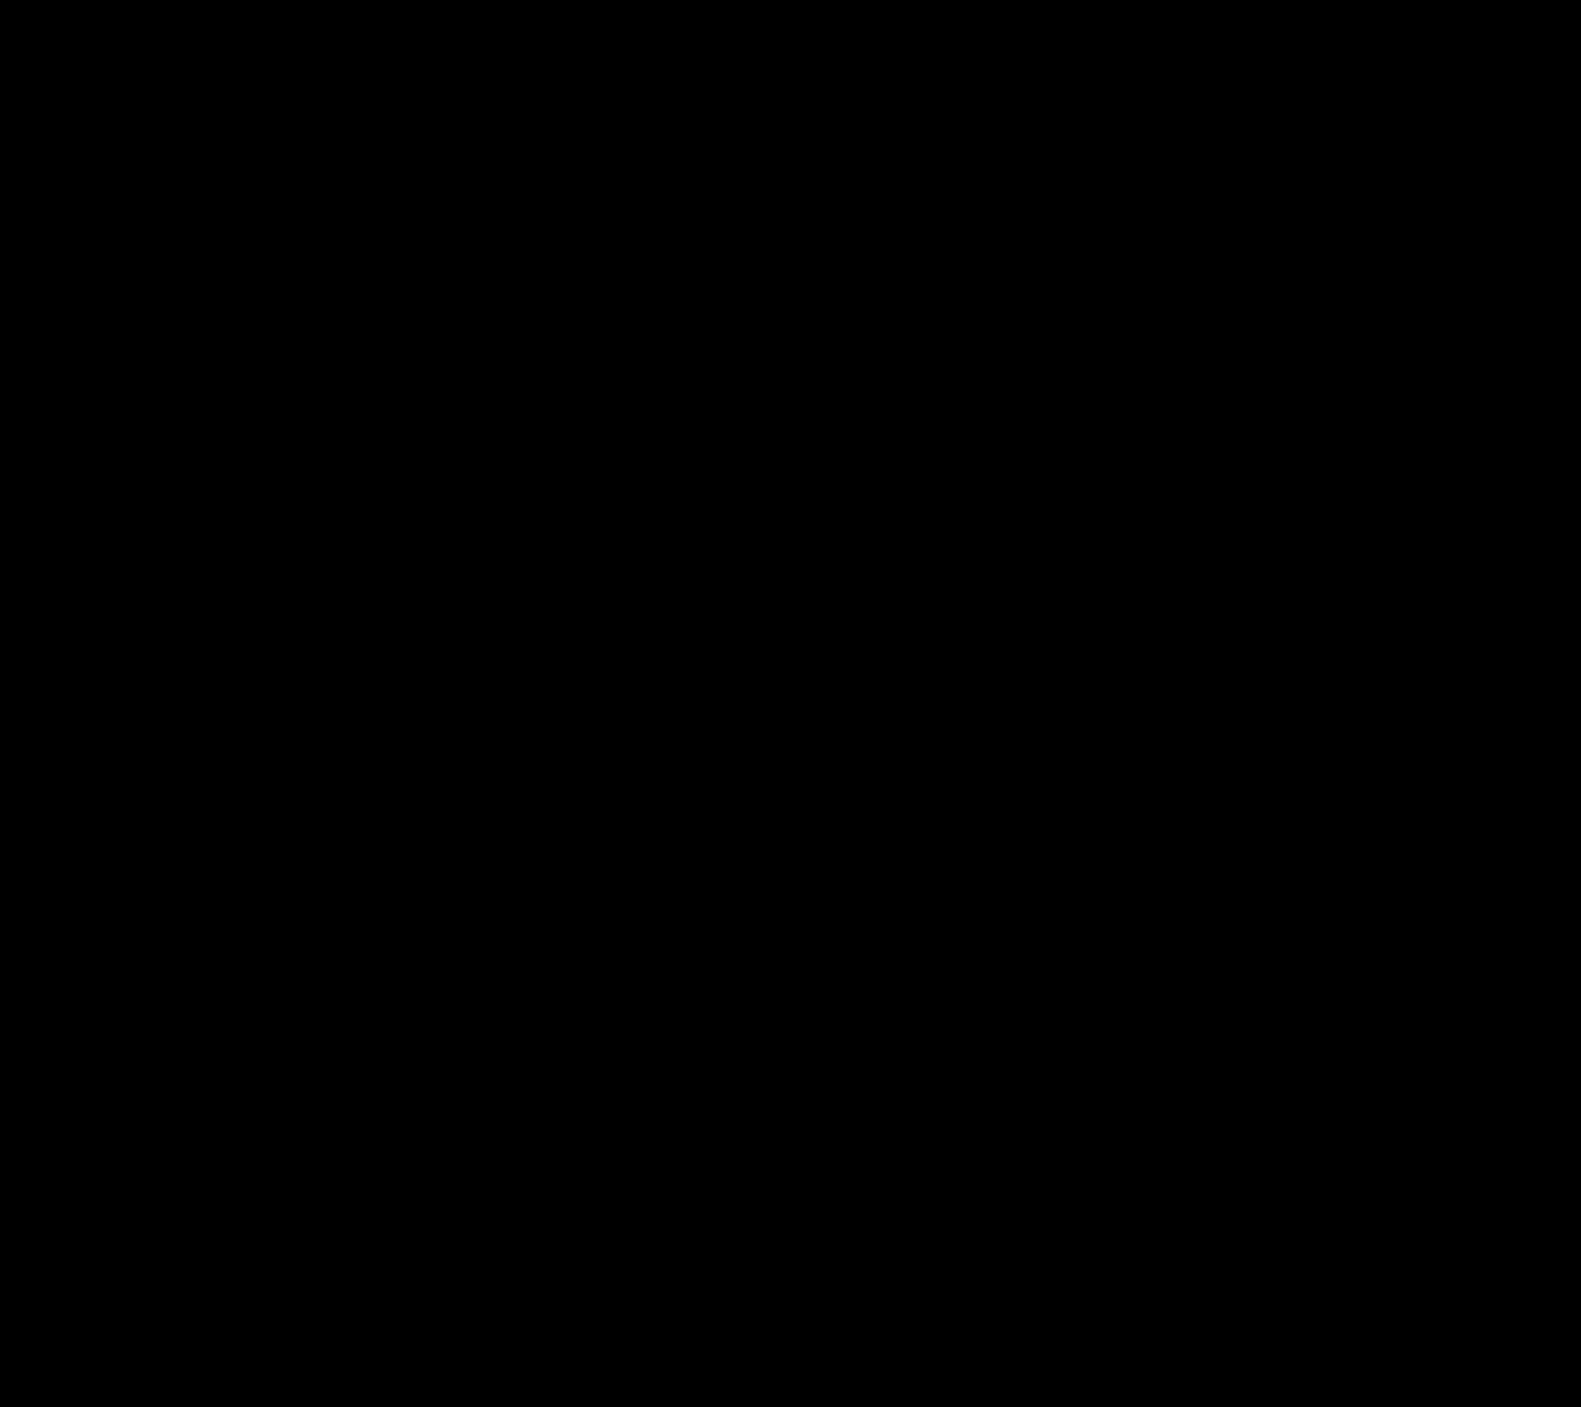 basicmusictheorycom Dflat melodic minor scale